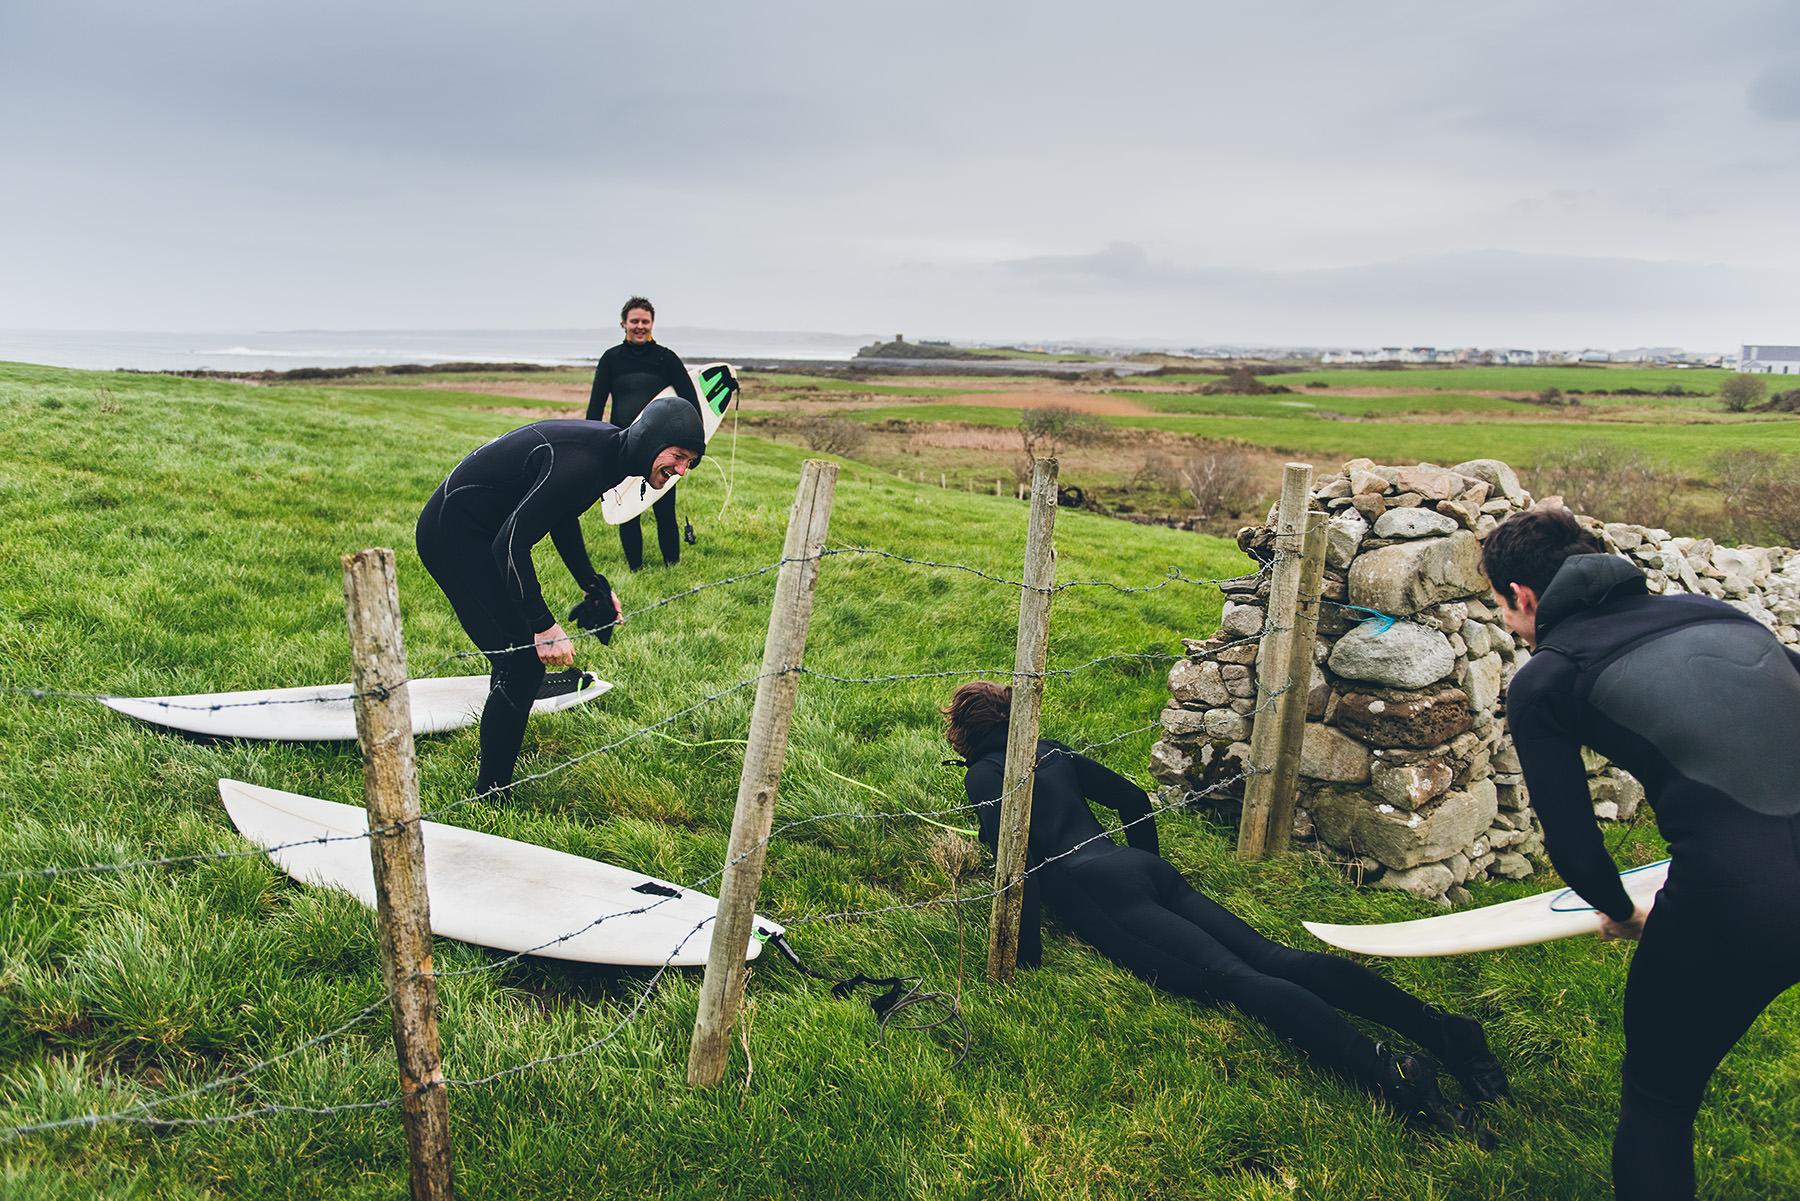 winter-surfing-ireland-sport-adventure-02.jpg